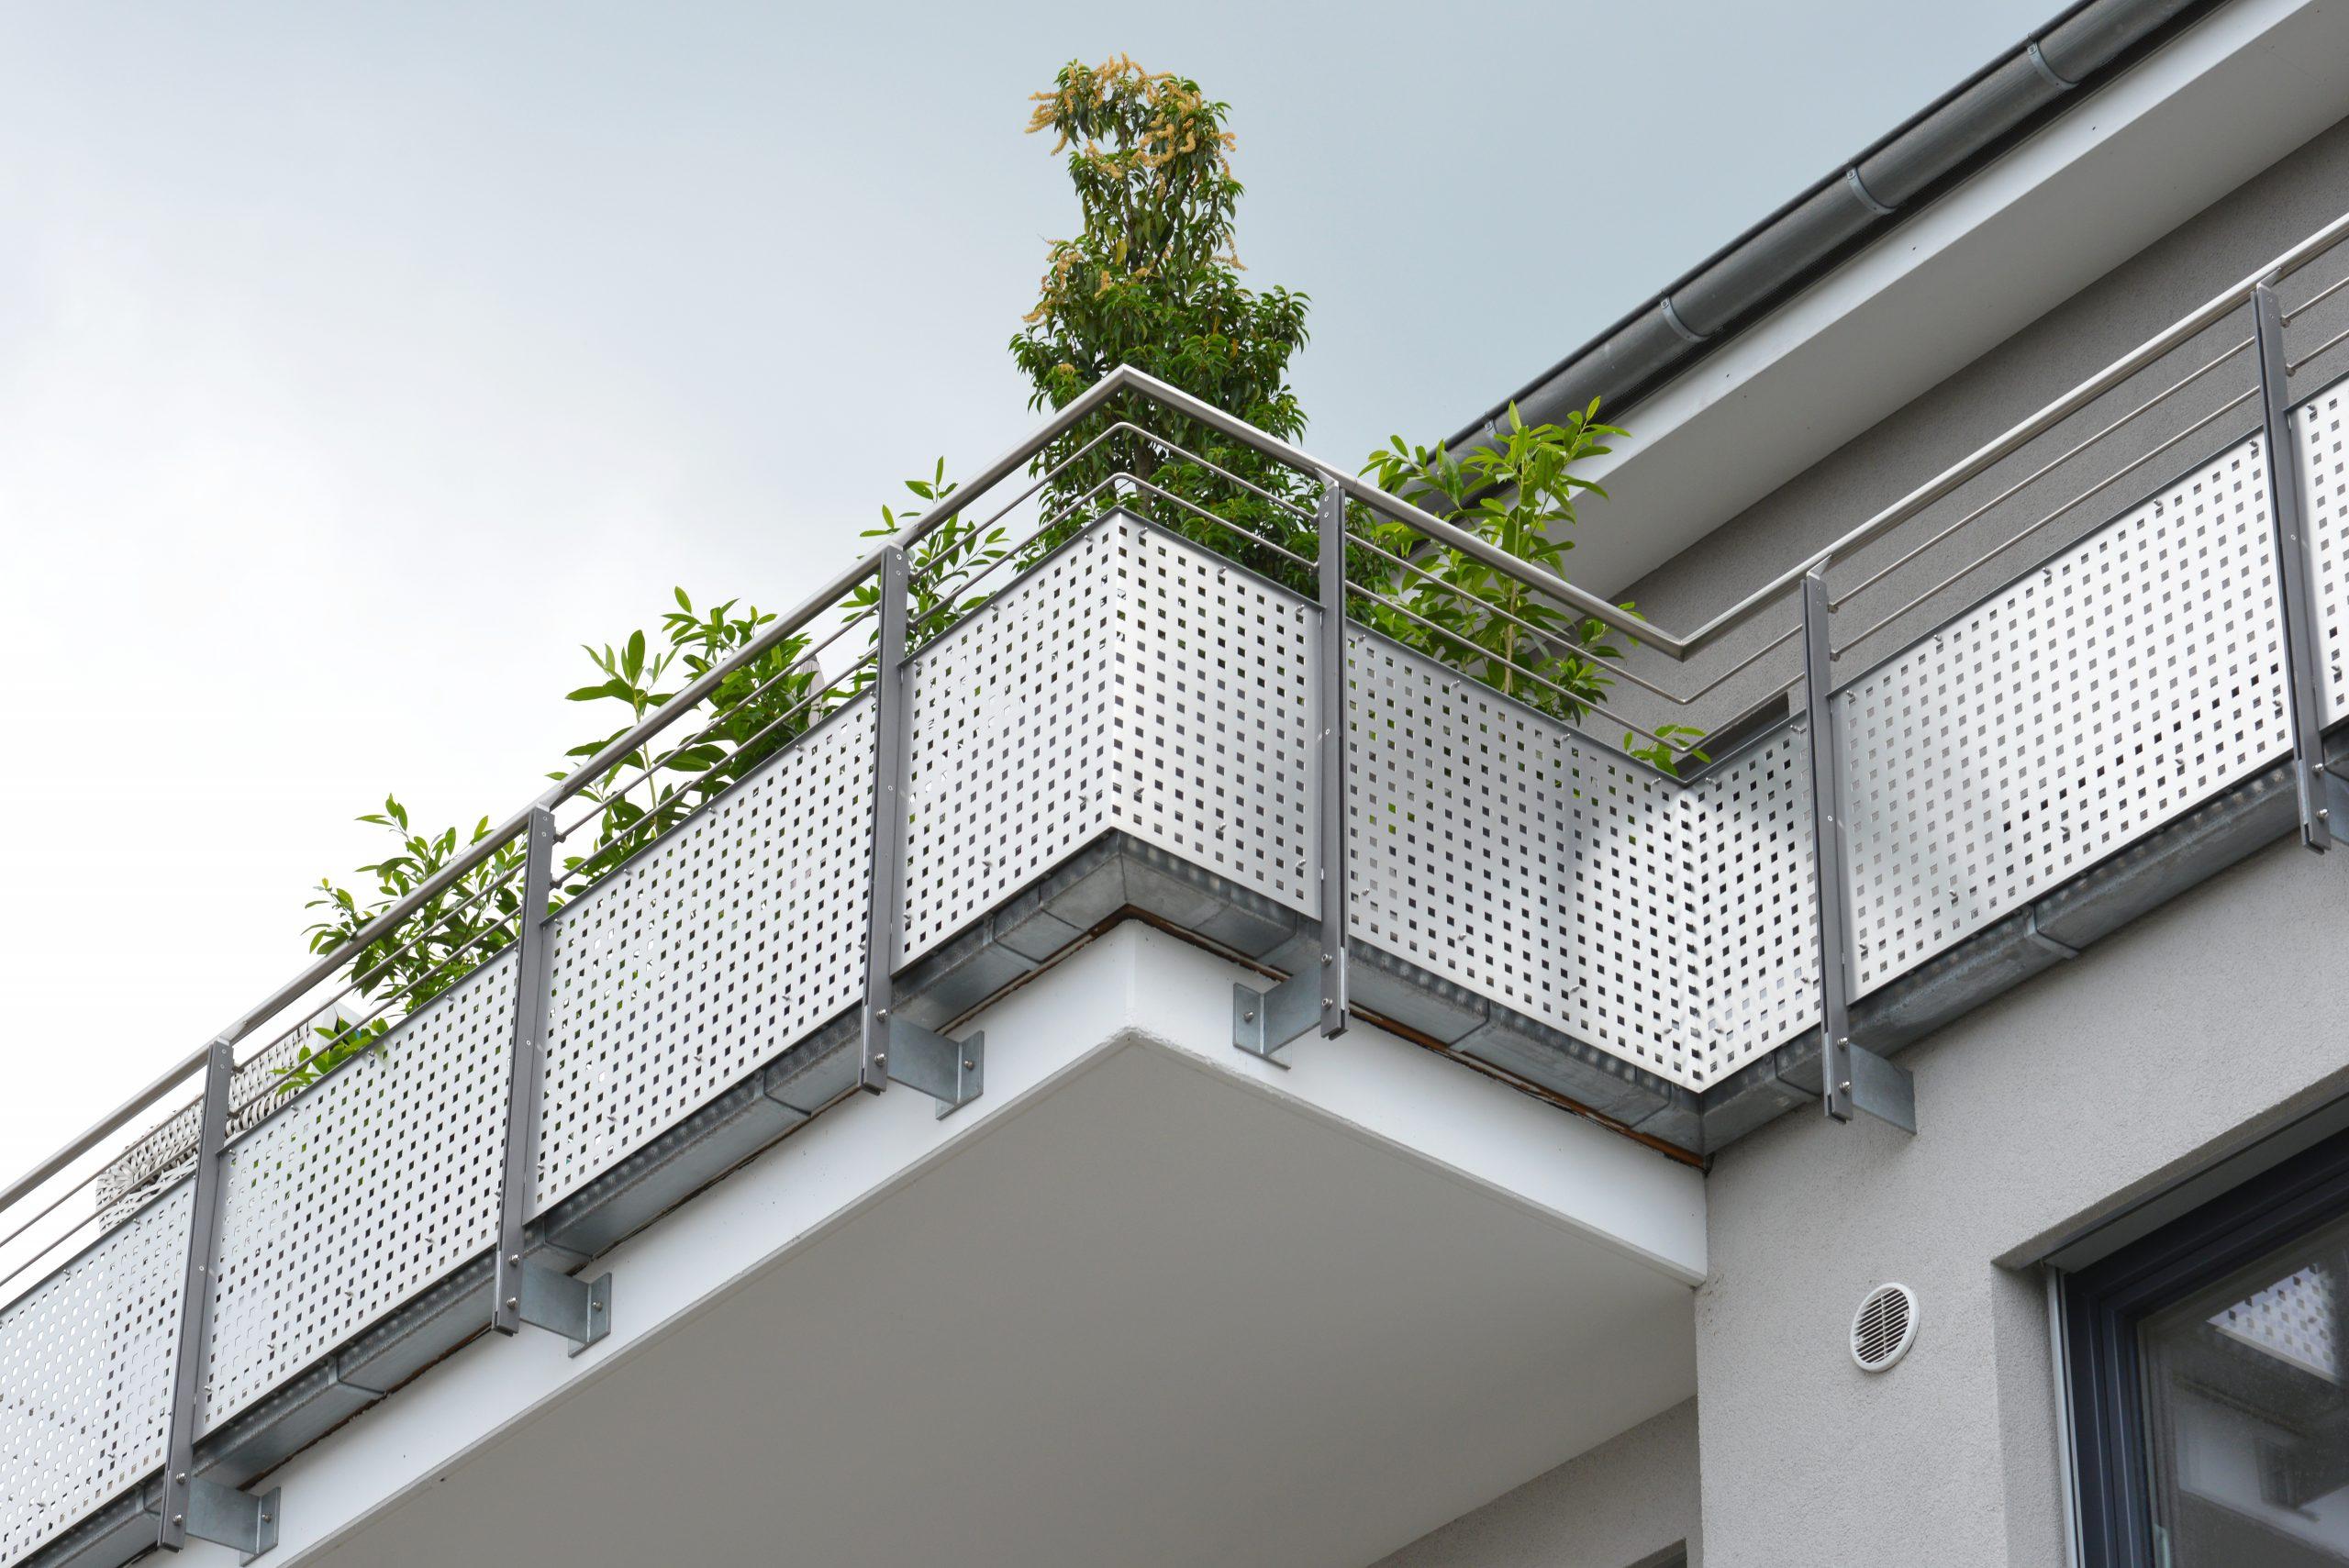 Balkonverkleidung Aus Lochblech Zeitloser Sichtschutz Mit Dem